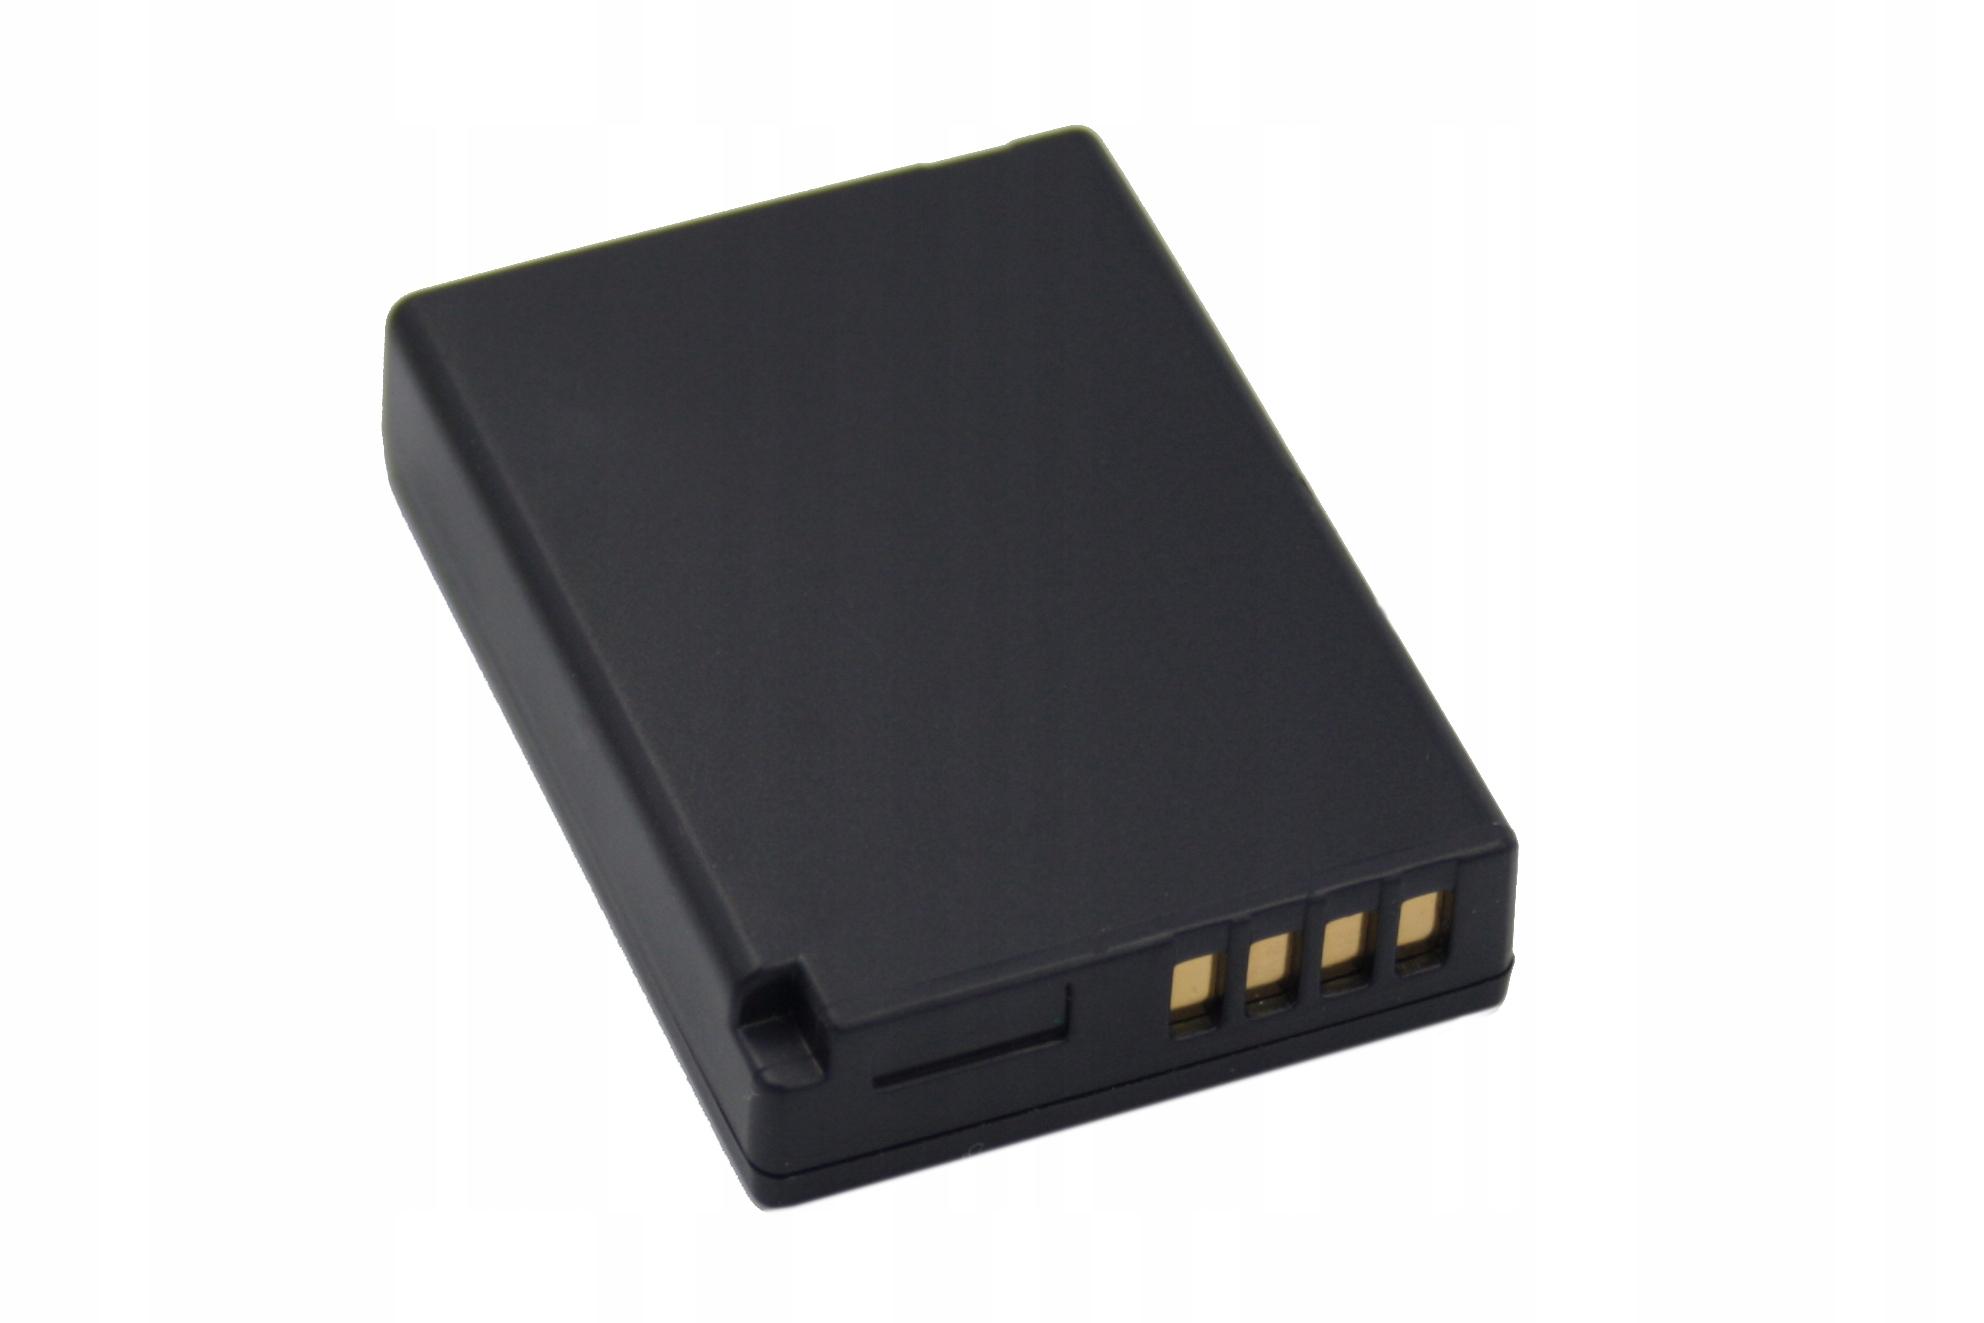 BATERIA AKUMULATOR PANASONIC DMC-TZ22 DMC-TZ25 DMC-TZ30 - Baterie do aparatów cyfrowych